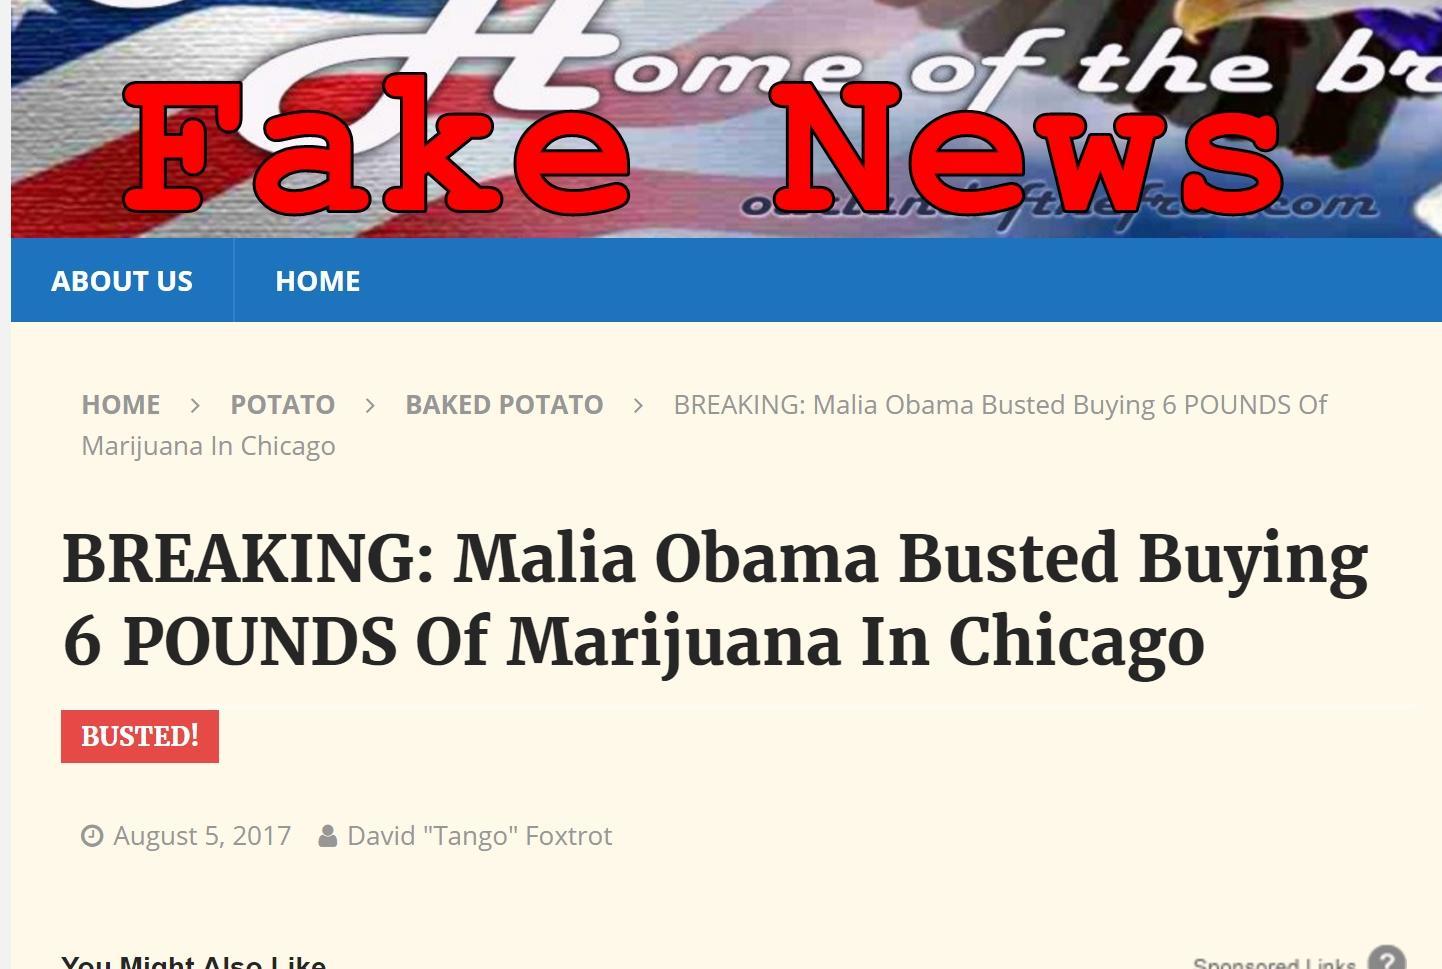 Fake News: Malia Obama NOT Busted Buying 6 Pounds Of Marijuana In Chicago